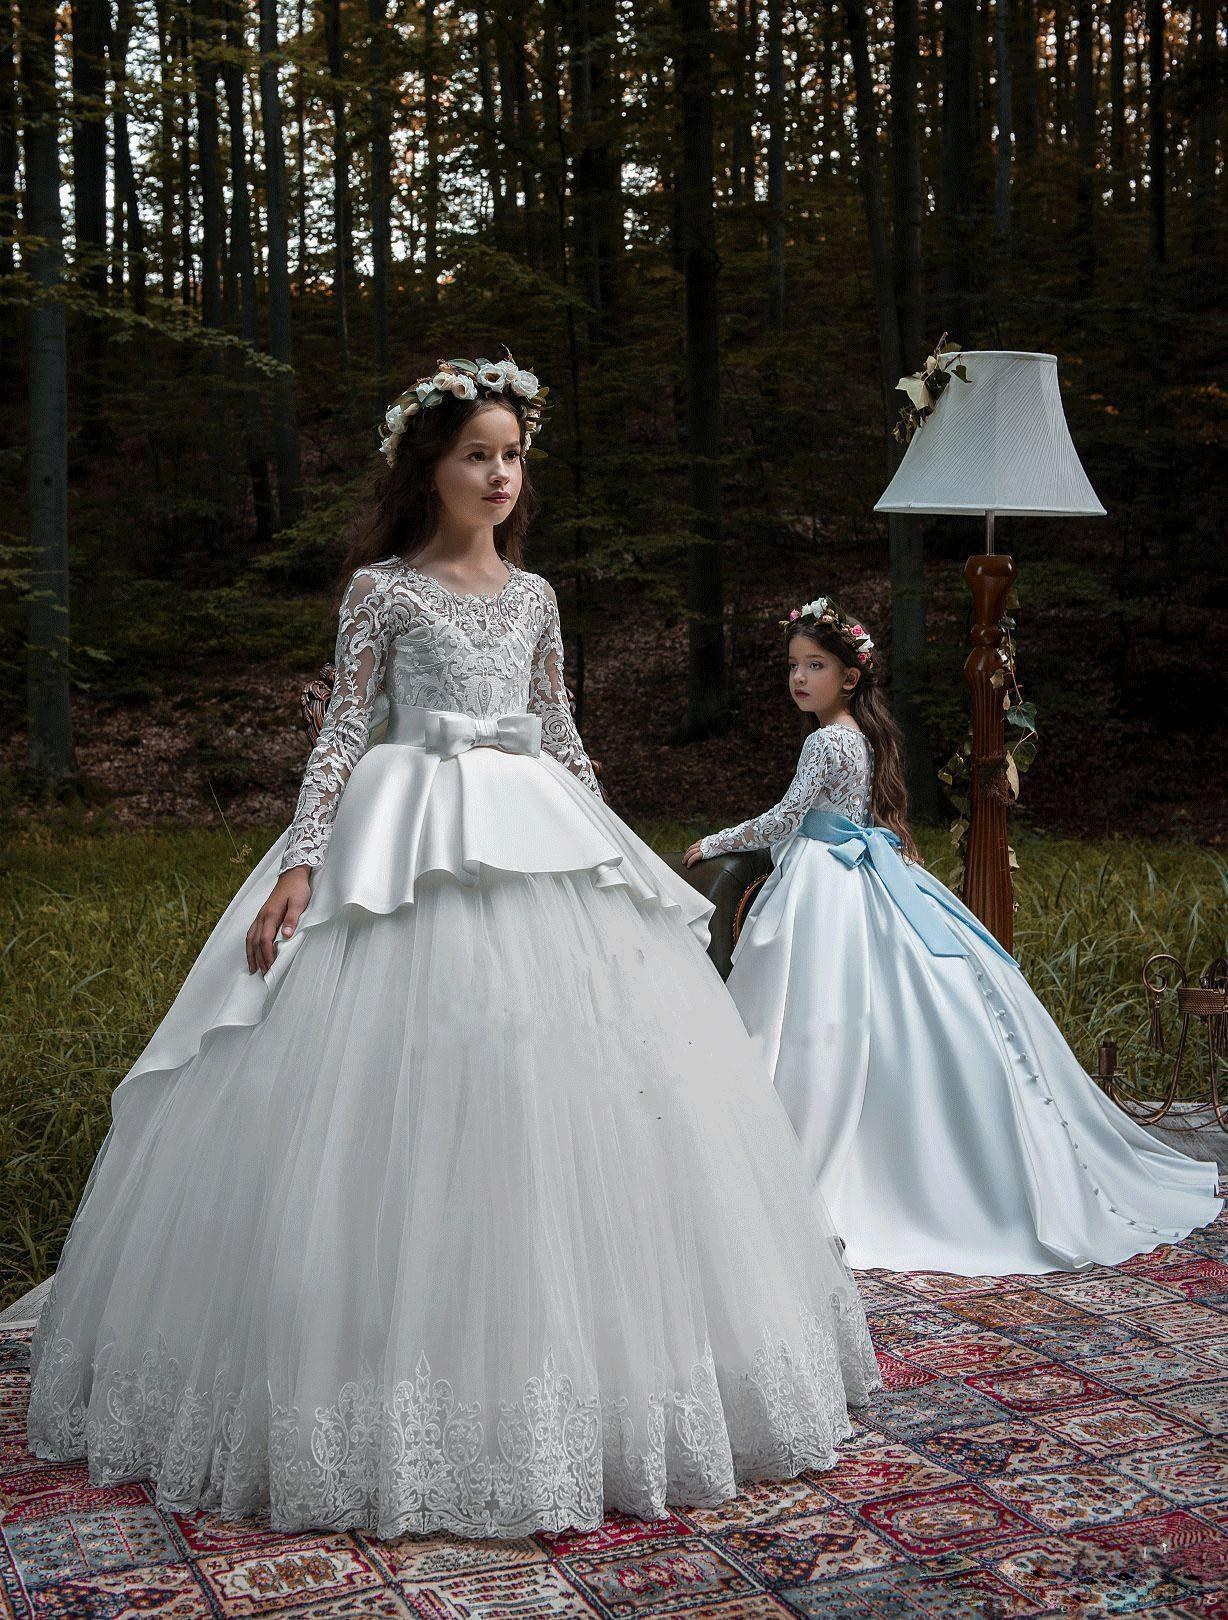 Neue Blume Mädchen Kleider für Prinzessin Brautjungfer Hochzeiten Ballkleid Sweep Zug Günstige Mädchen Erstkommunion Kleid TF01